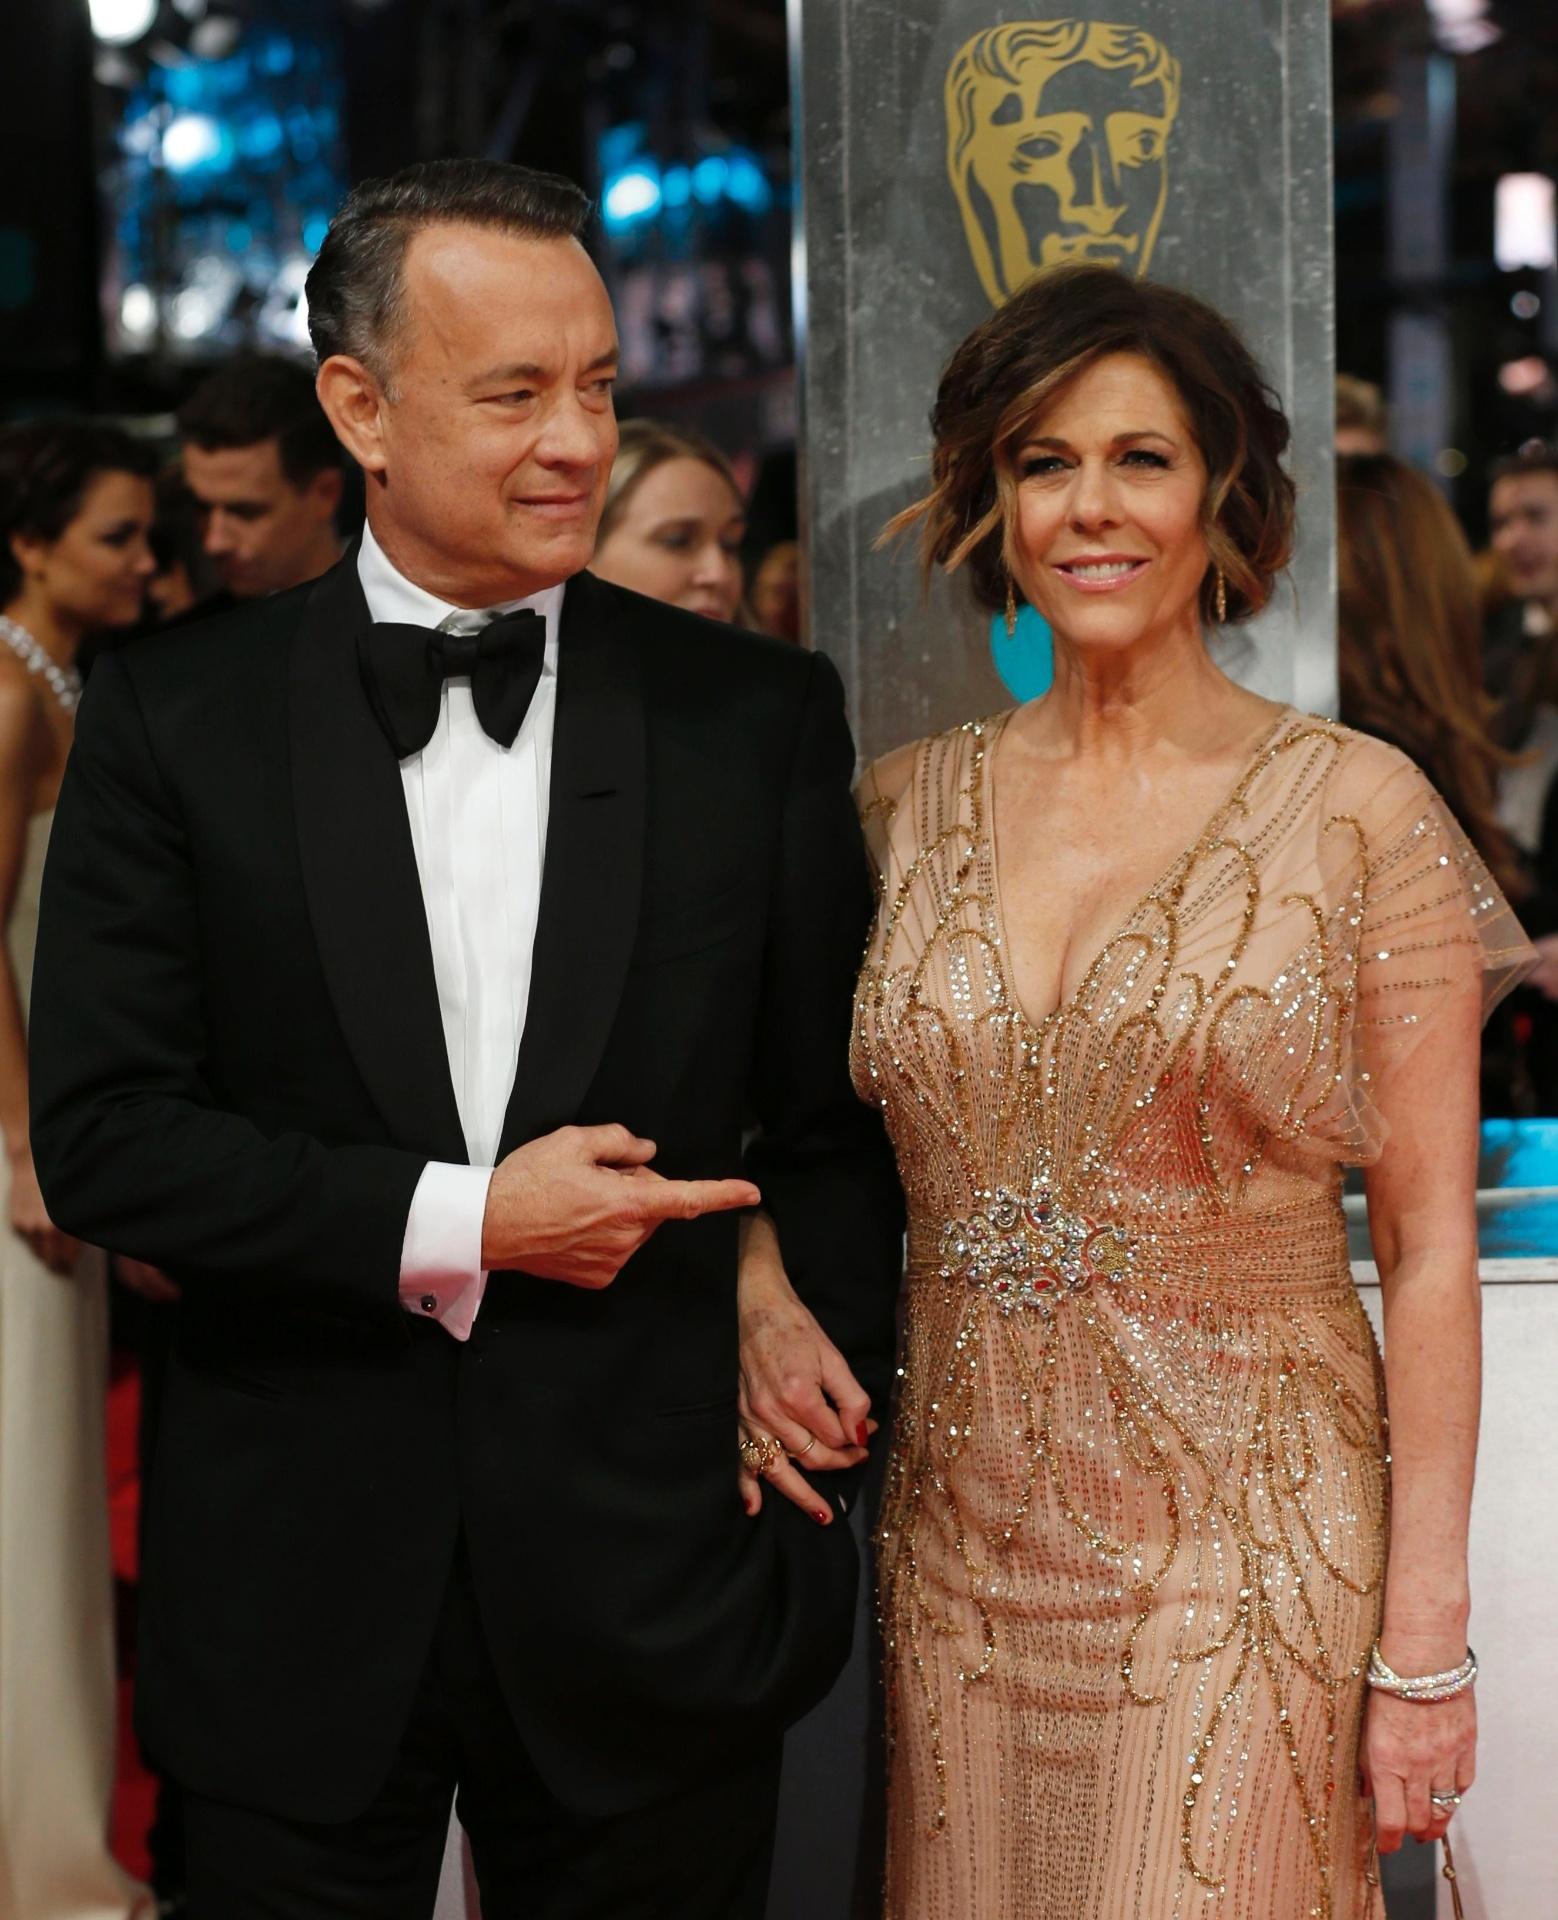 16.fev.2014 - Tom Hanks e Rita Wilson no tapete vermelho do BAFTA 2014. A premiação acontece no Royal Opera House, em Londres, na noite deste domingo (16)